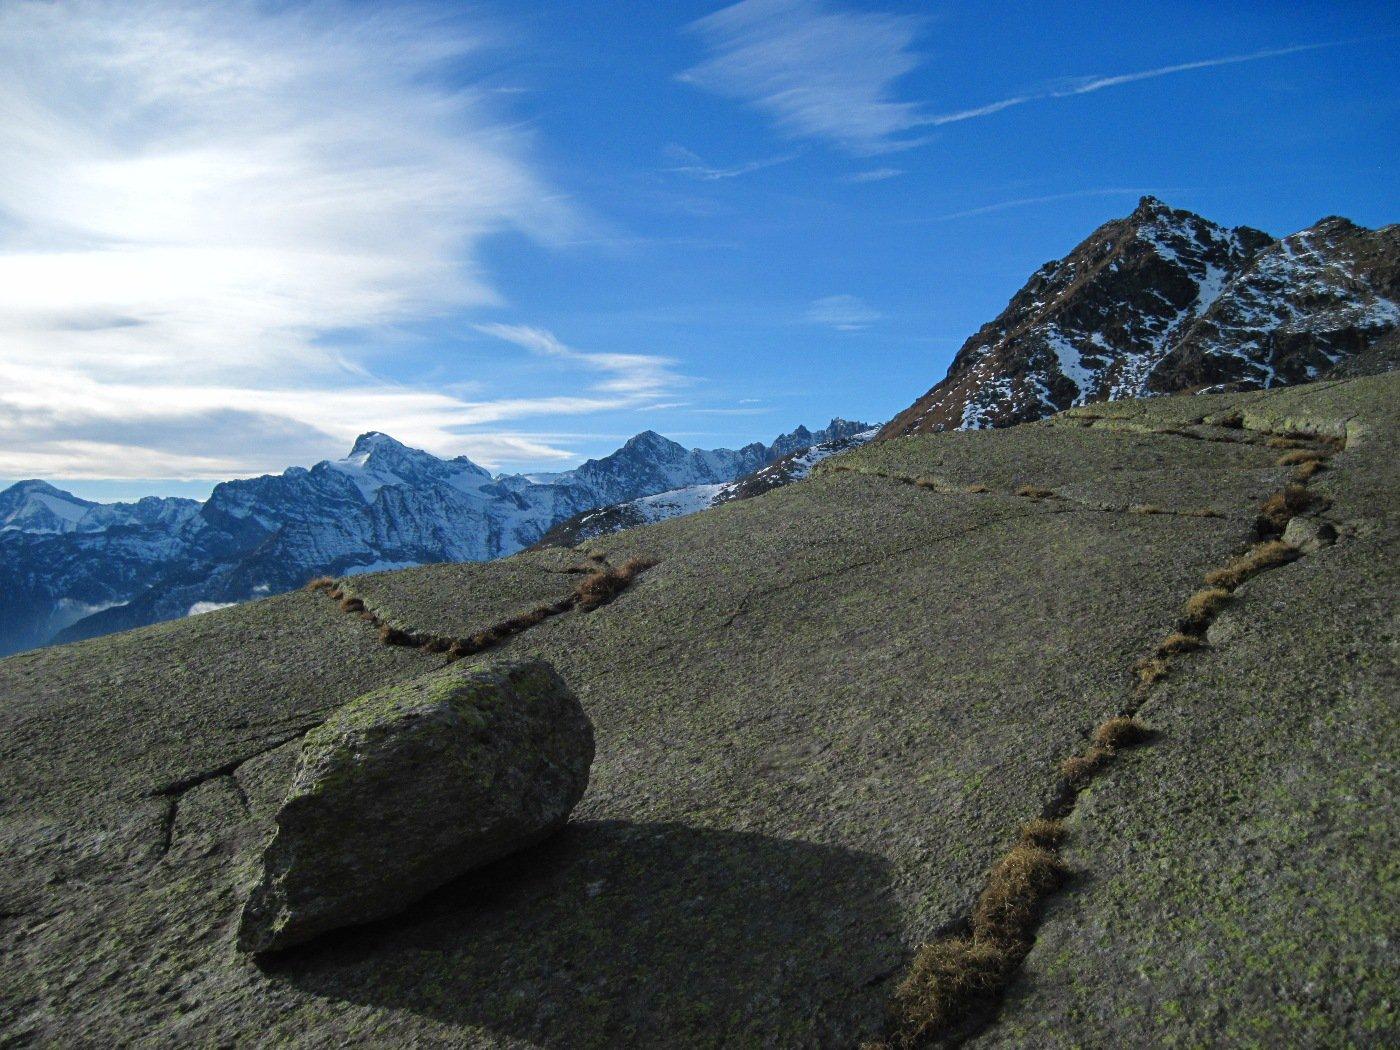 Sulle rocce montonate